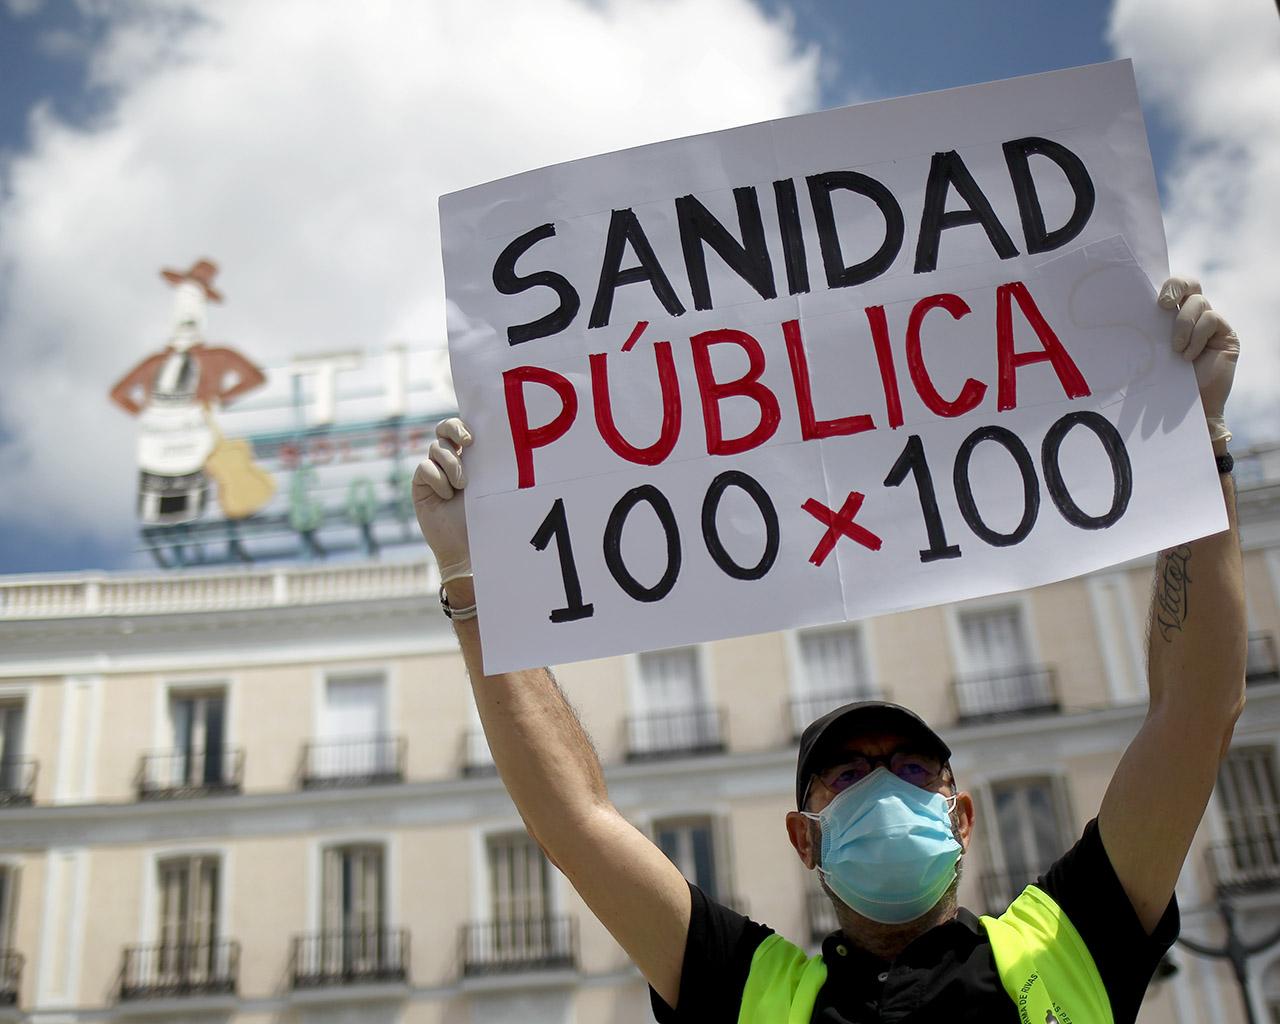 Concentración a favor de la sanidad pública en la Puerta del Sol. Madrid. 08/06/2020.